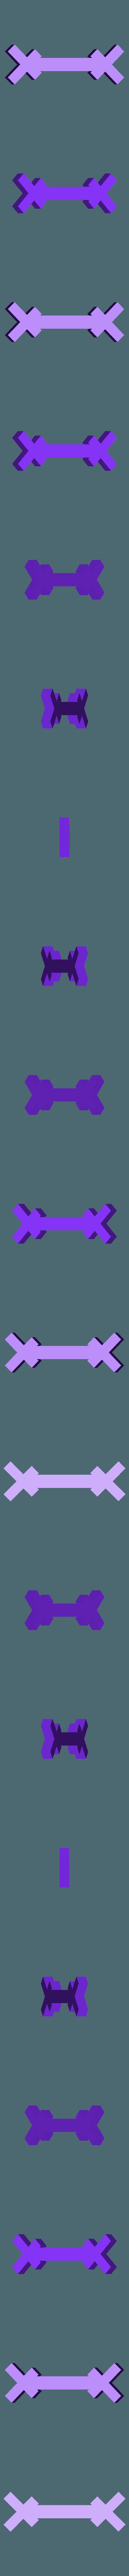 3inch_spreader.stl Télécharger fichier STL gratuit Épandeur de branches d'arbres • Design pour impression 3D, ChrisKits